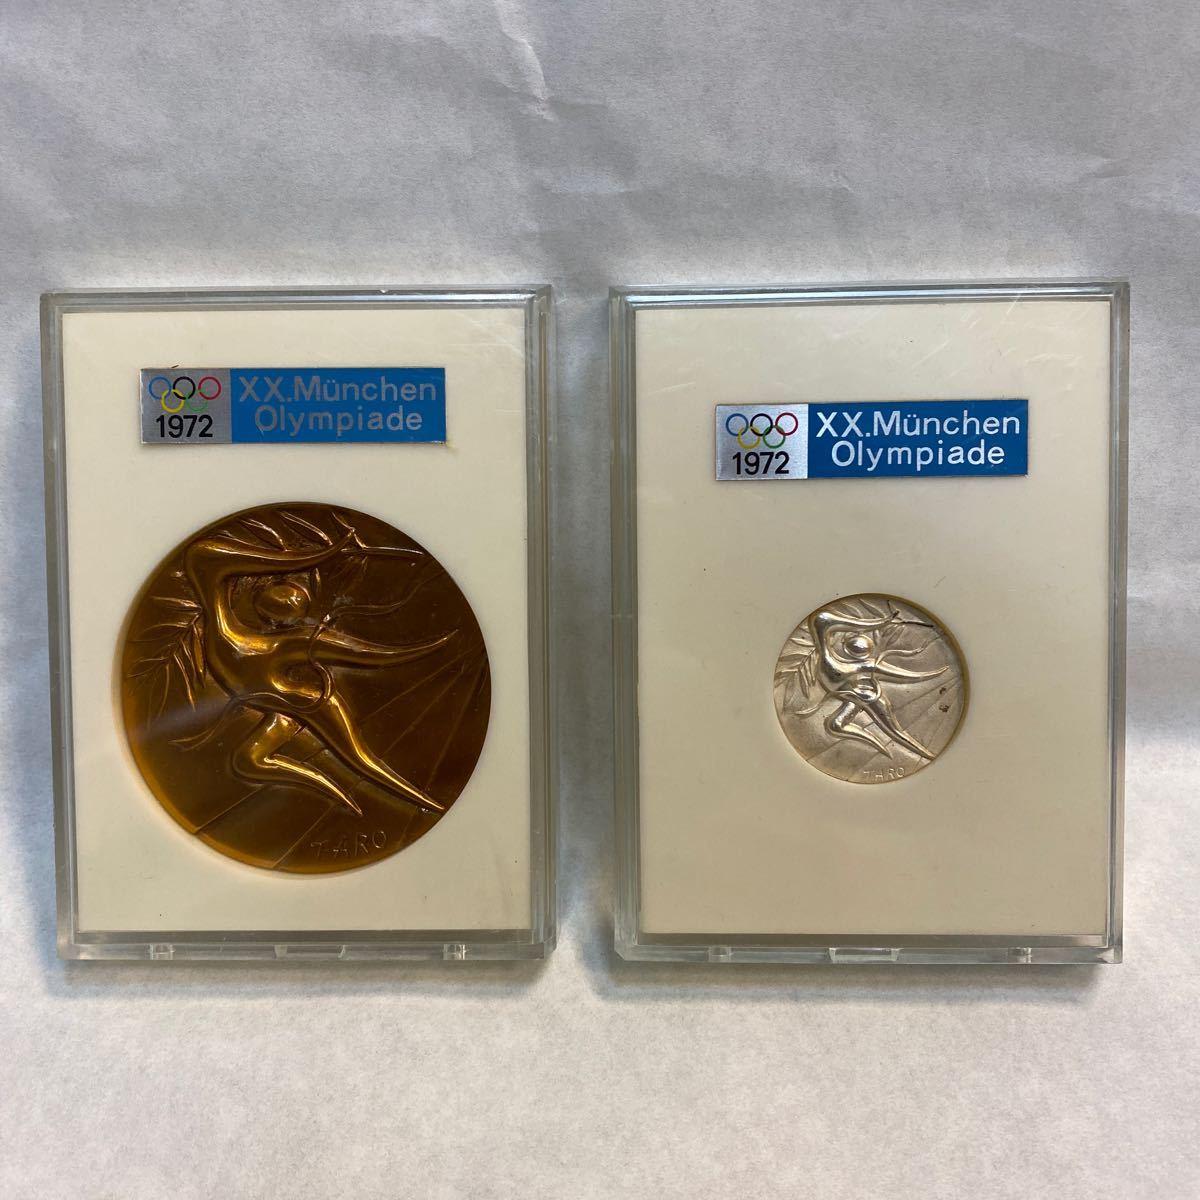 オリンピックメダル 記念メダル 岡本太郎 銀メダル 銅メダル ミュンヘンオリンピック 1972年 [20/10 B-4]